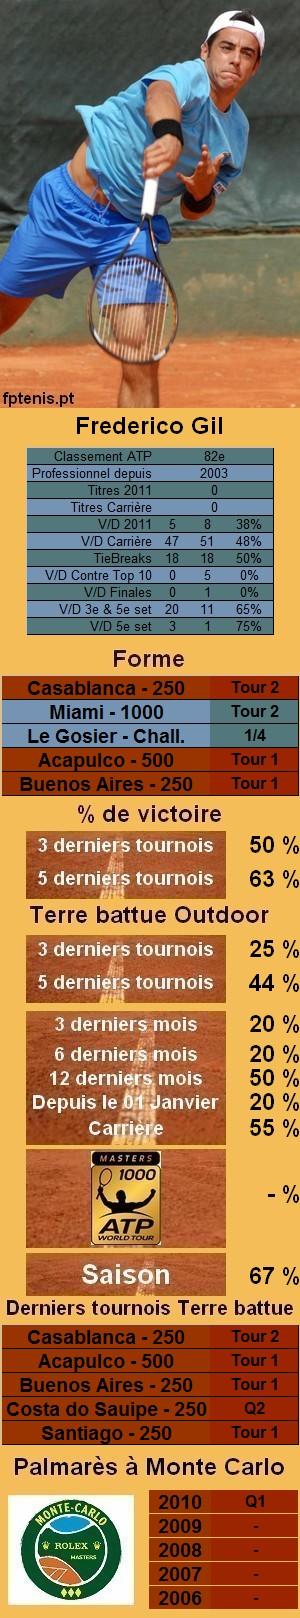 Les statistiques tennis de Frederico Gil pour le tournoi de Monte Carlo